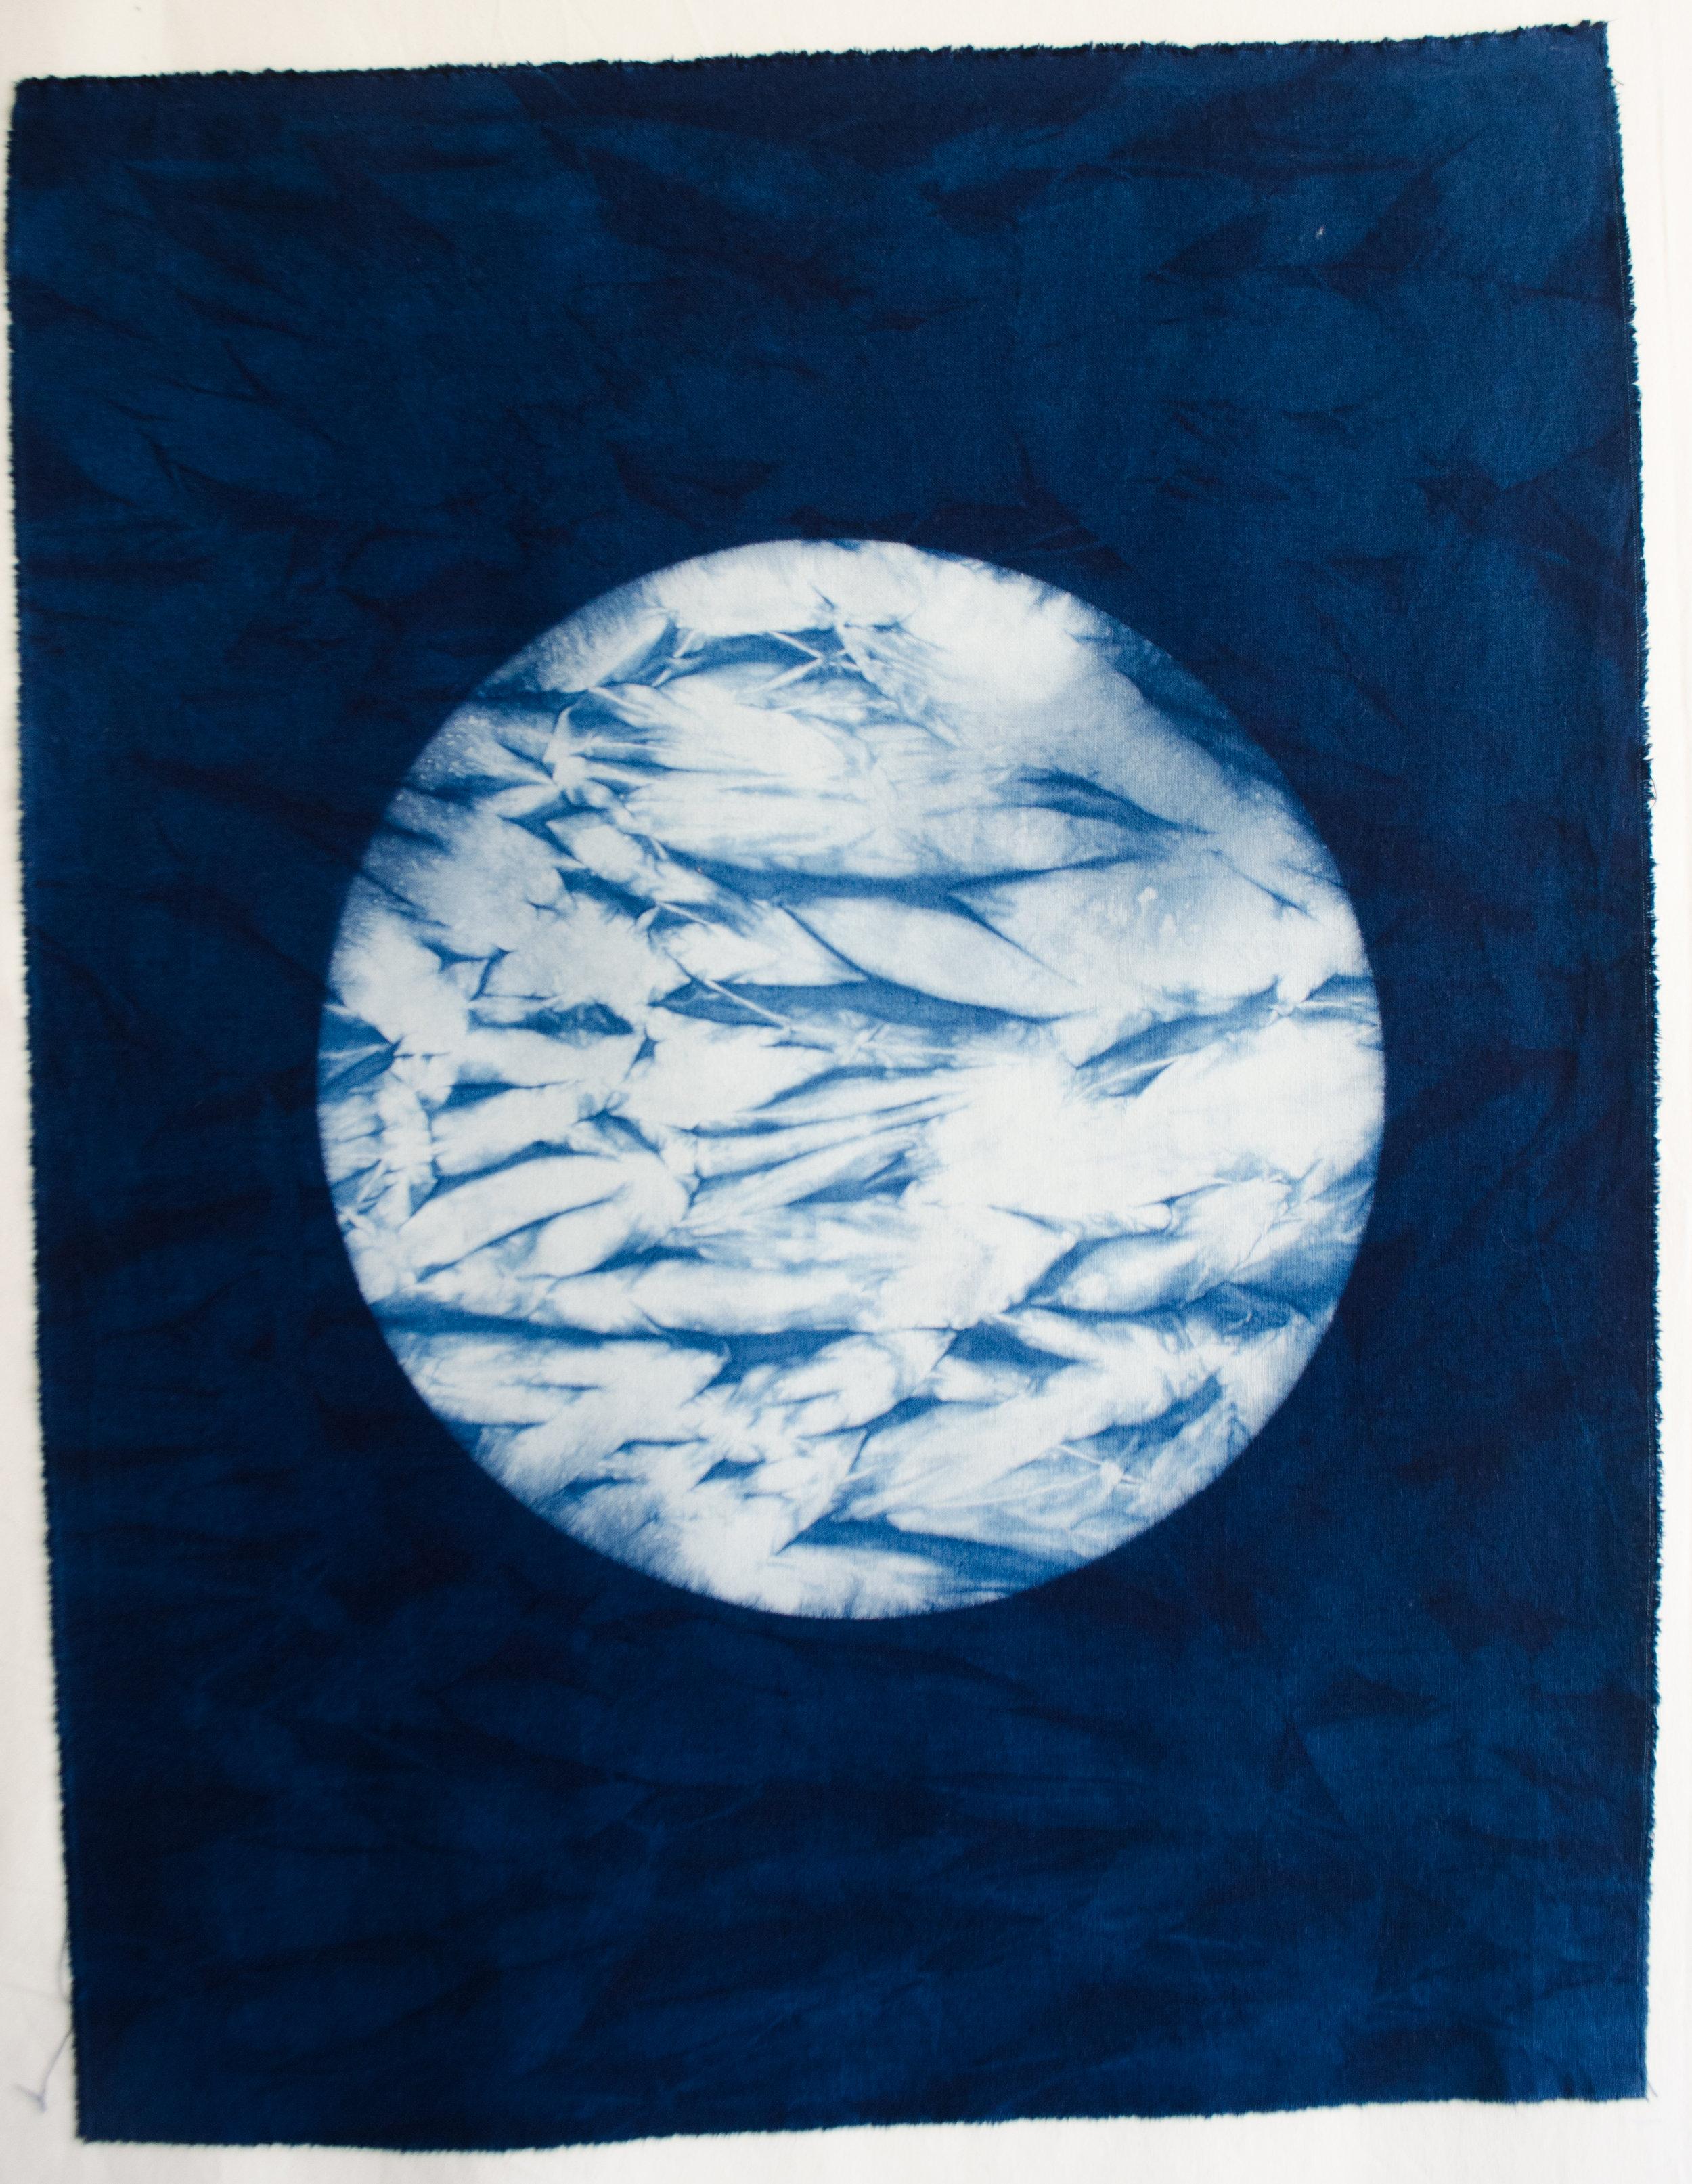 Arashi Shibori Panel by Carlyn Clark